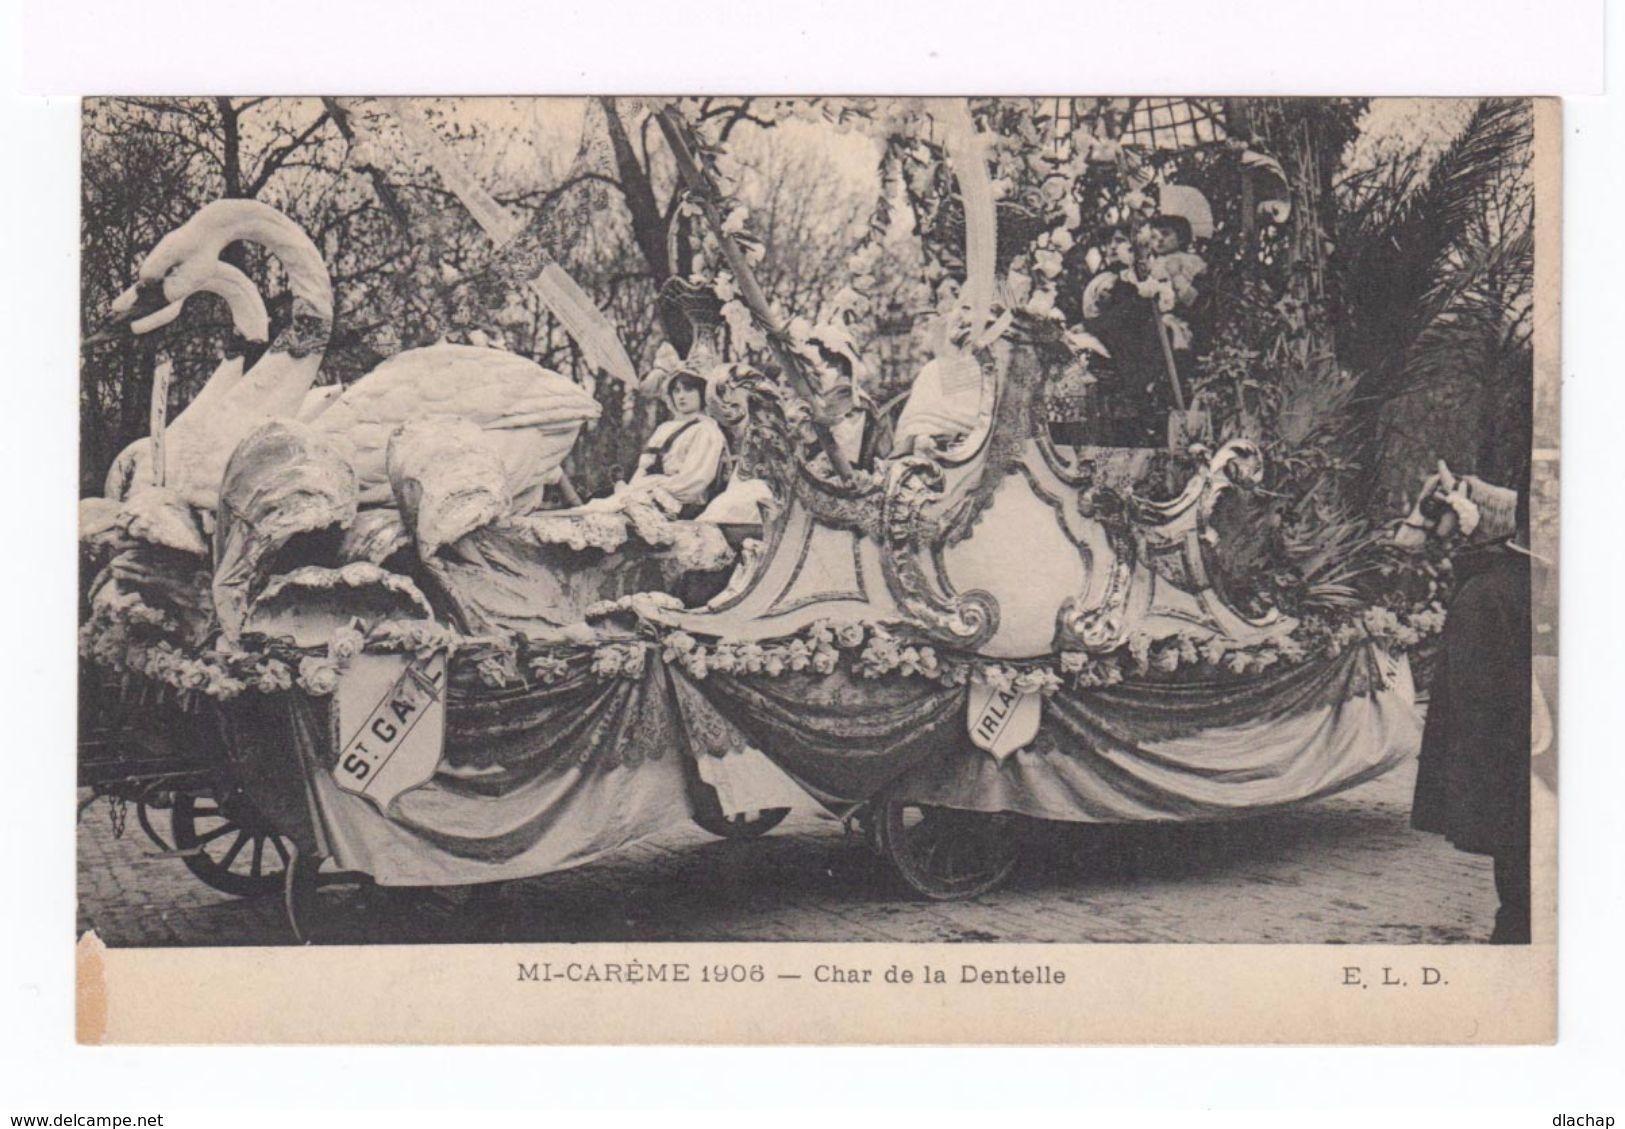 Trois Cartes Postales Mi Carême 1908. Paris. Char De La Dentelle, De La Reine Des Reines, Alliance Latine. (1837) - Autres